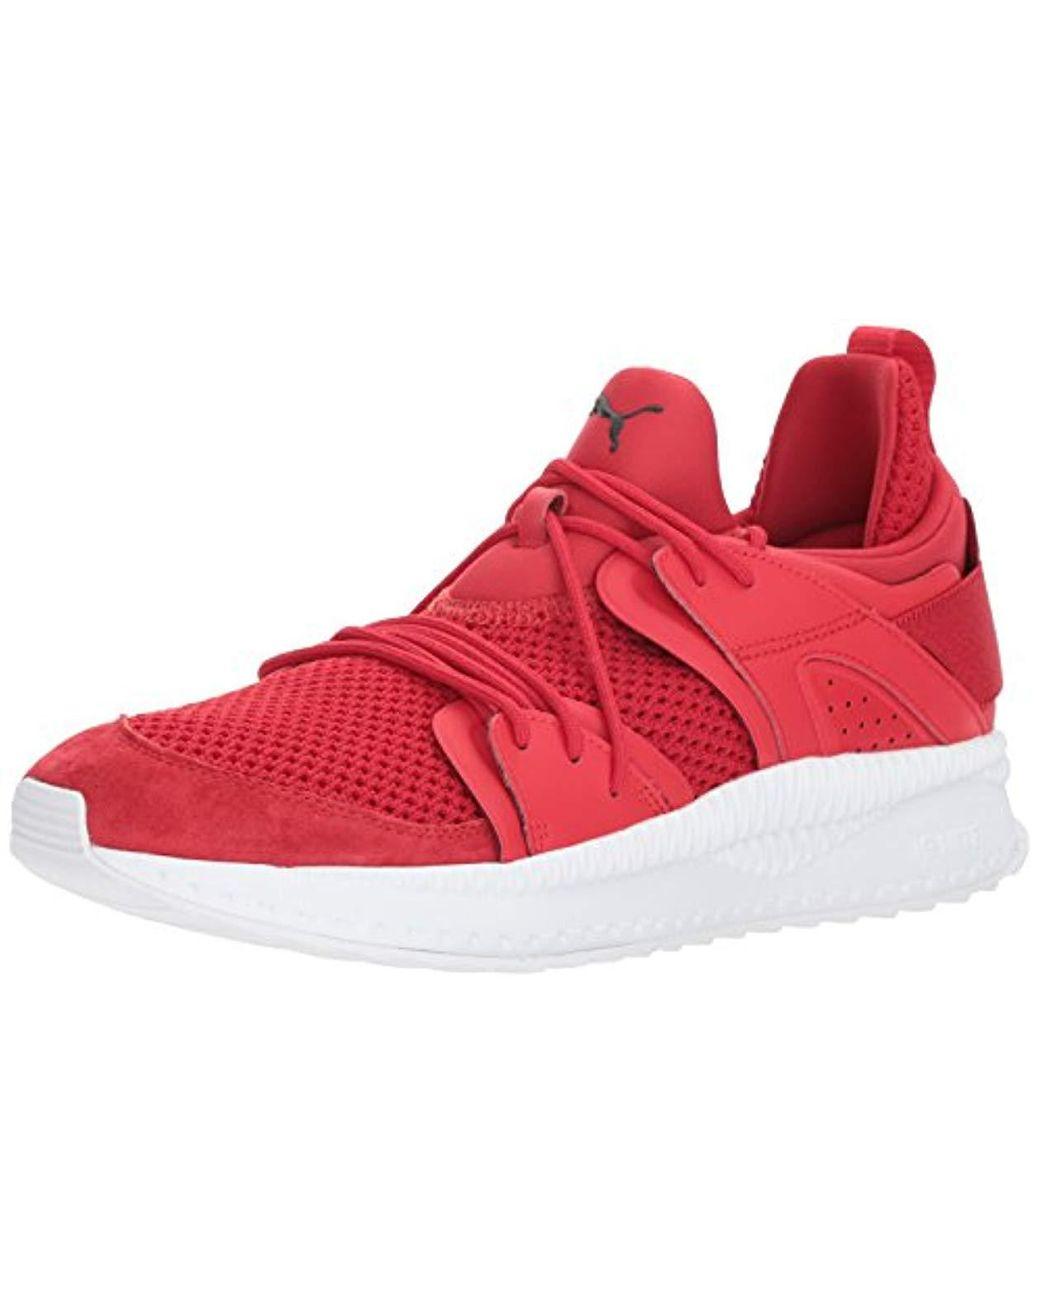 48fbdcaaef8fe Men's Red Tsugi Blaze Sneaker